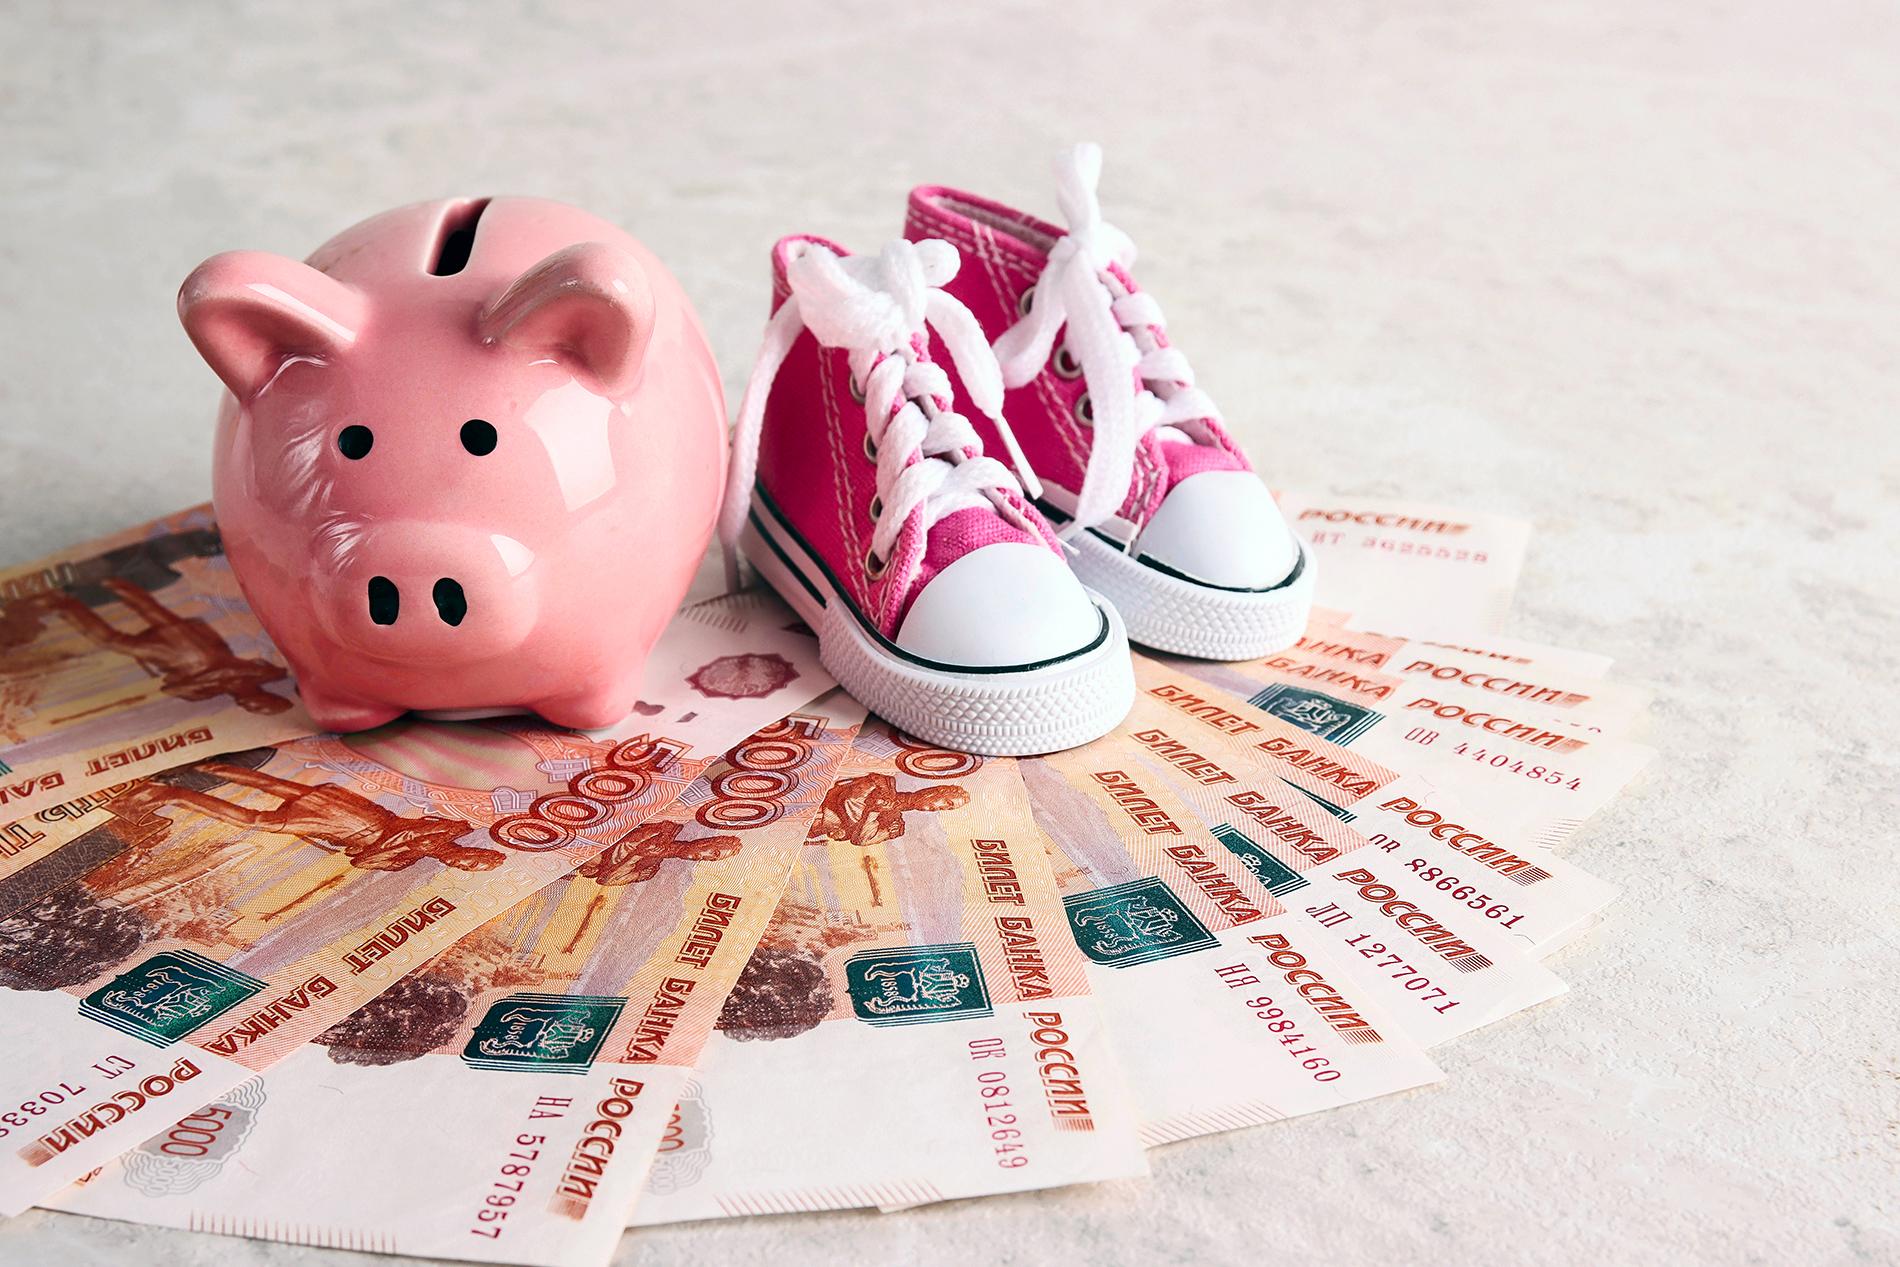 Появились новые выплаты для семей с детьми: Какие суммы могут получить родители и на что их можно потратить